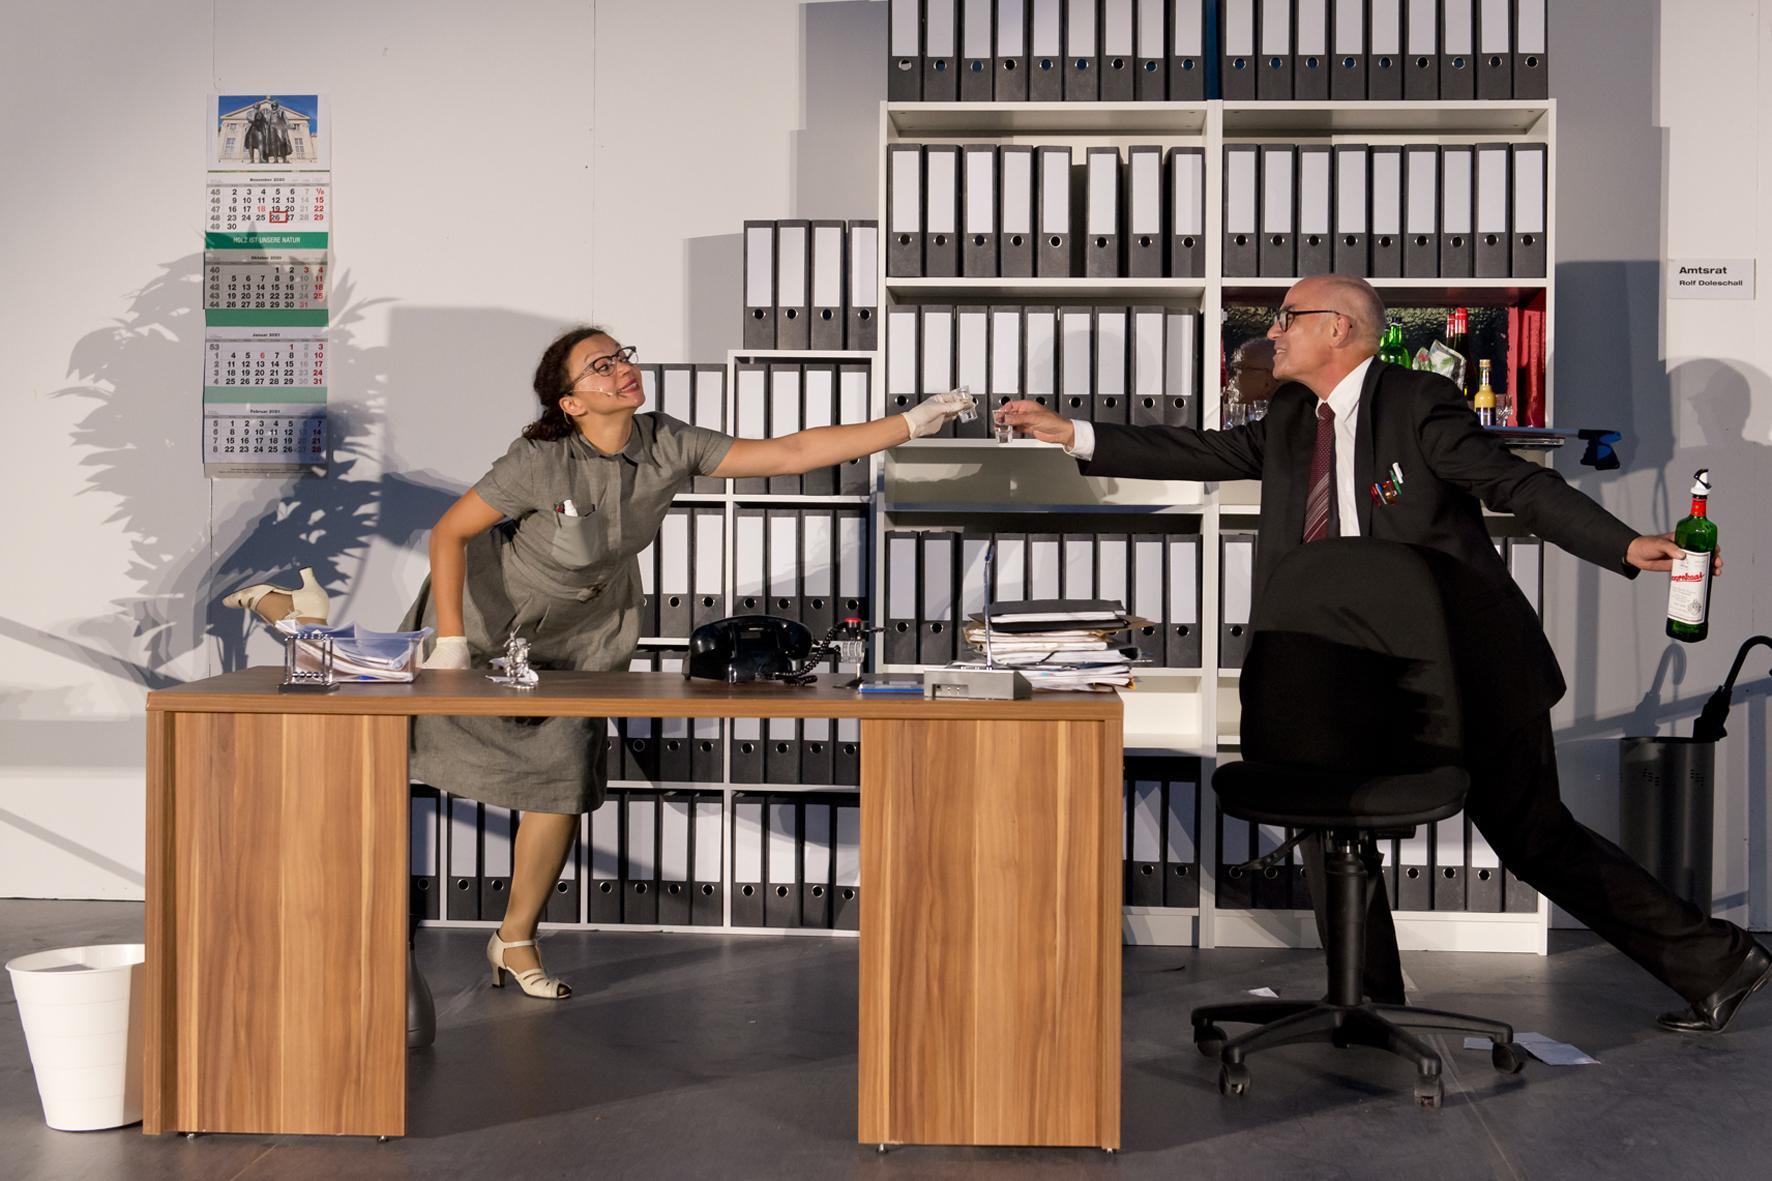 Danke für das Geräusch – Heinz Erhardt, Premiere am 29.08.2020, JT Göttingen